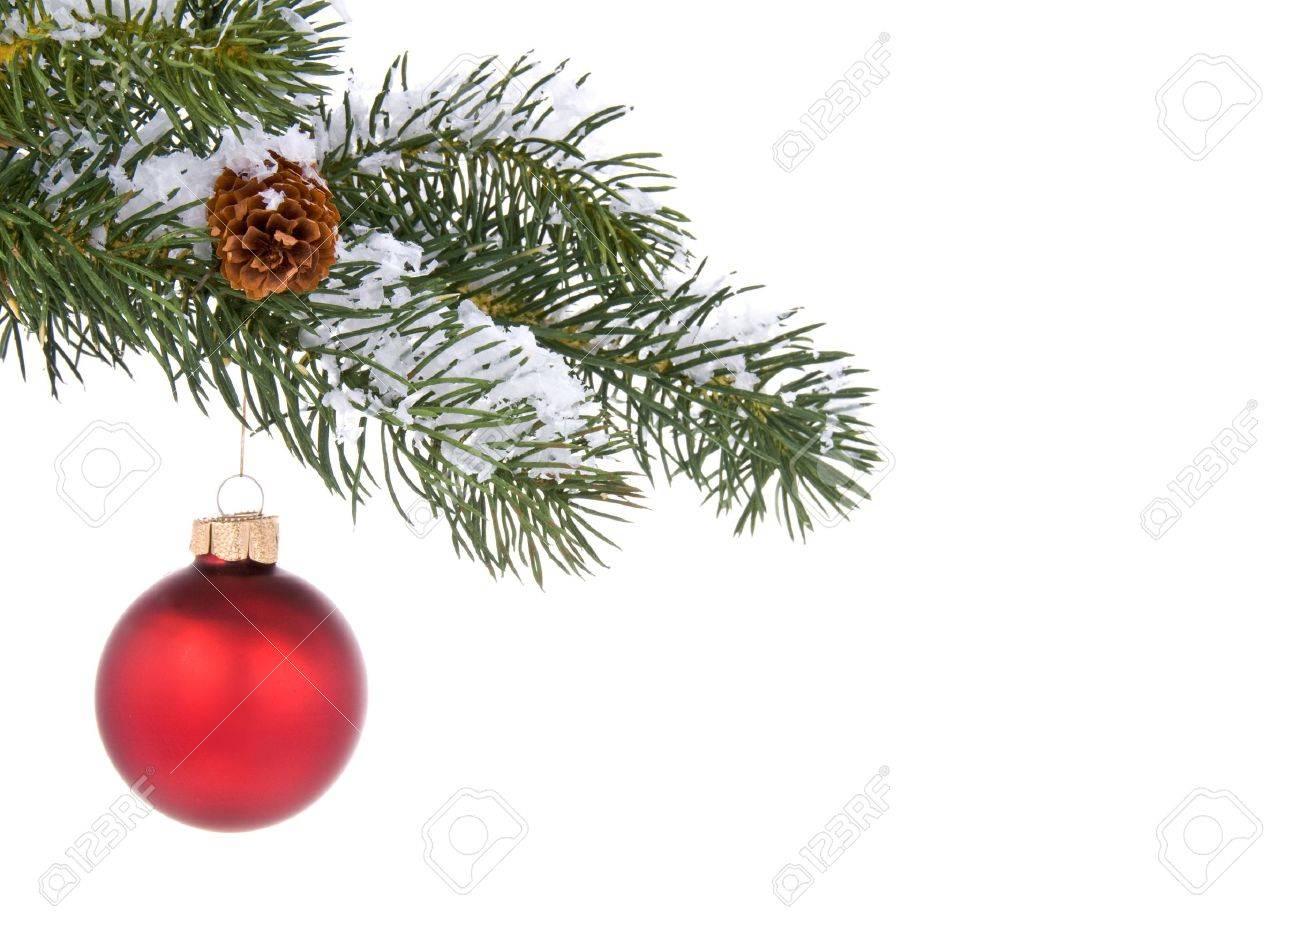 Weihnachtsbaum Ast.Stock Photo